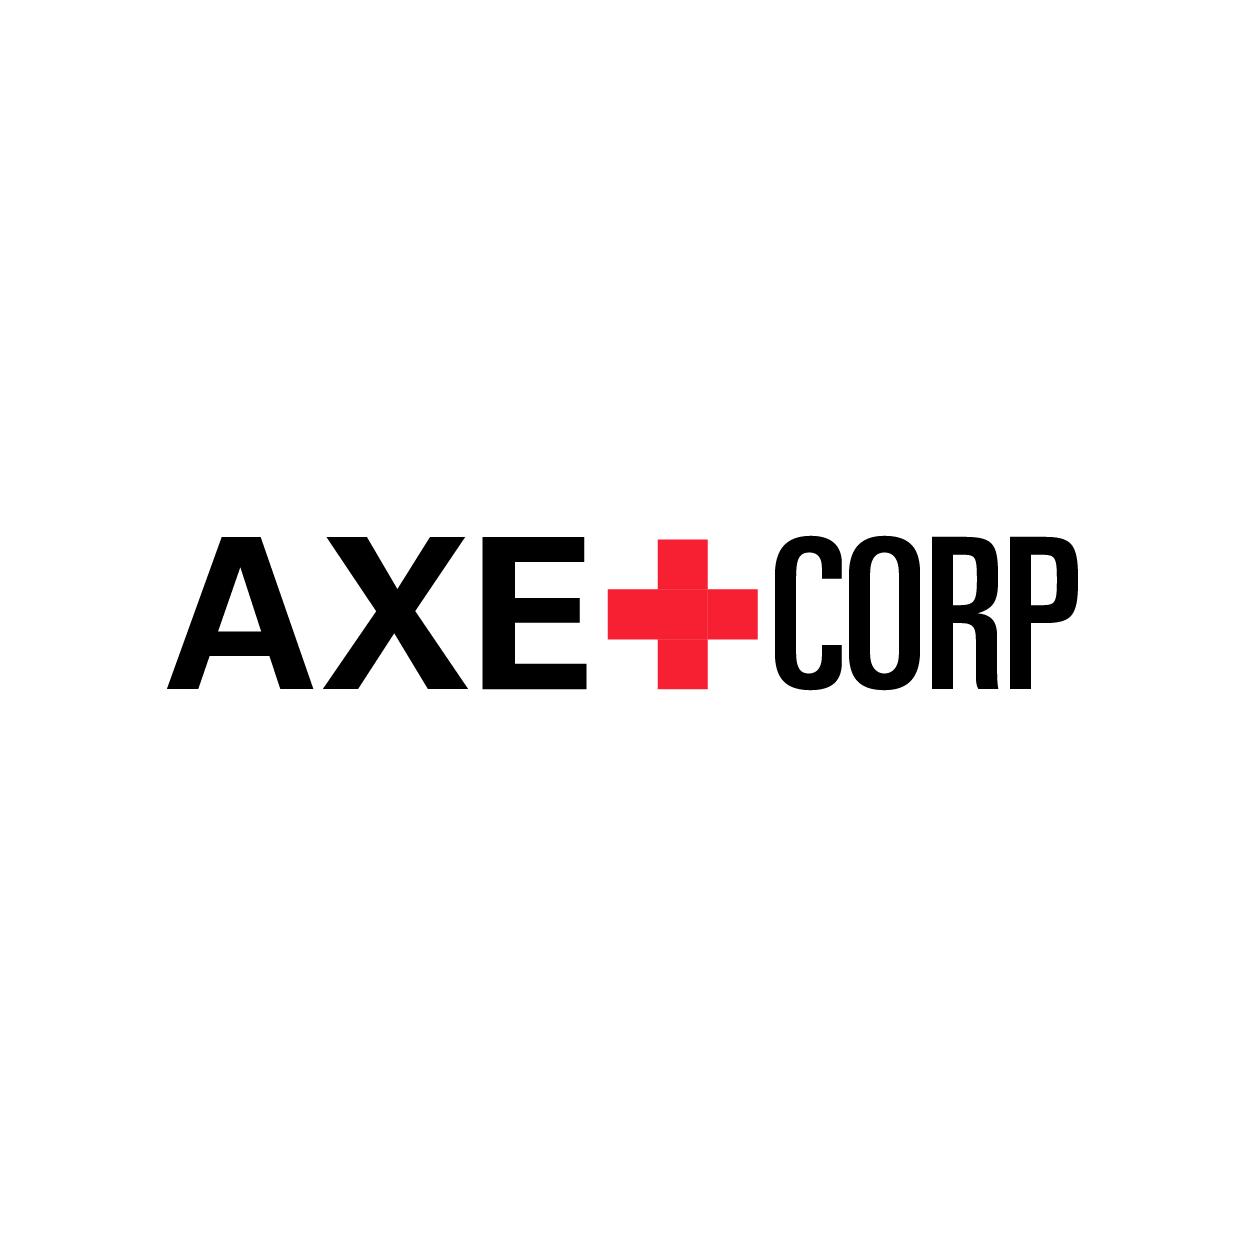 client-logos_axe-corp